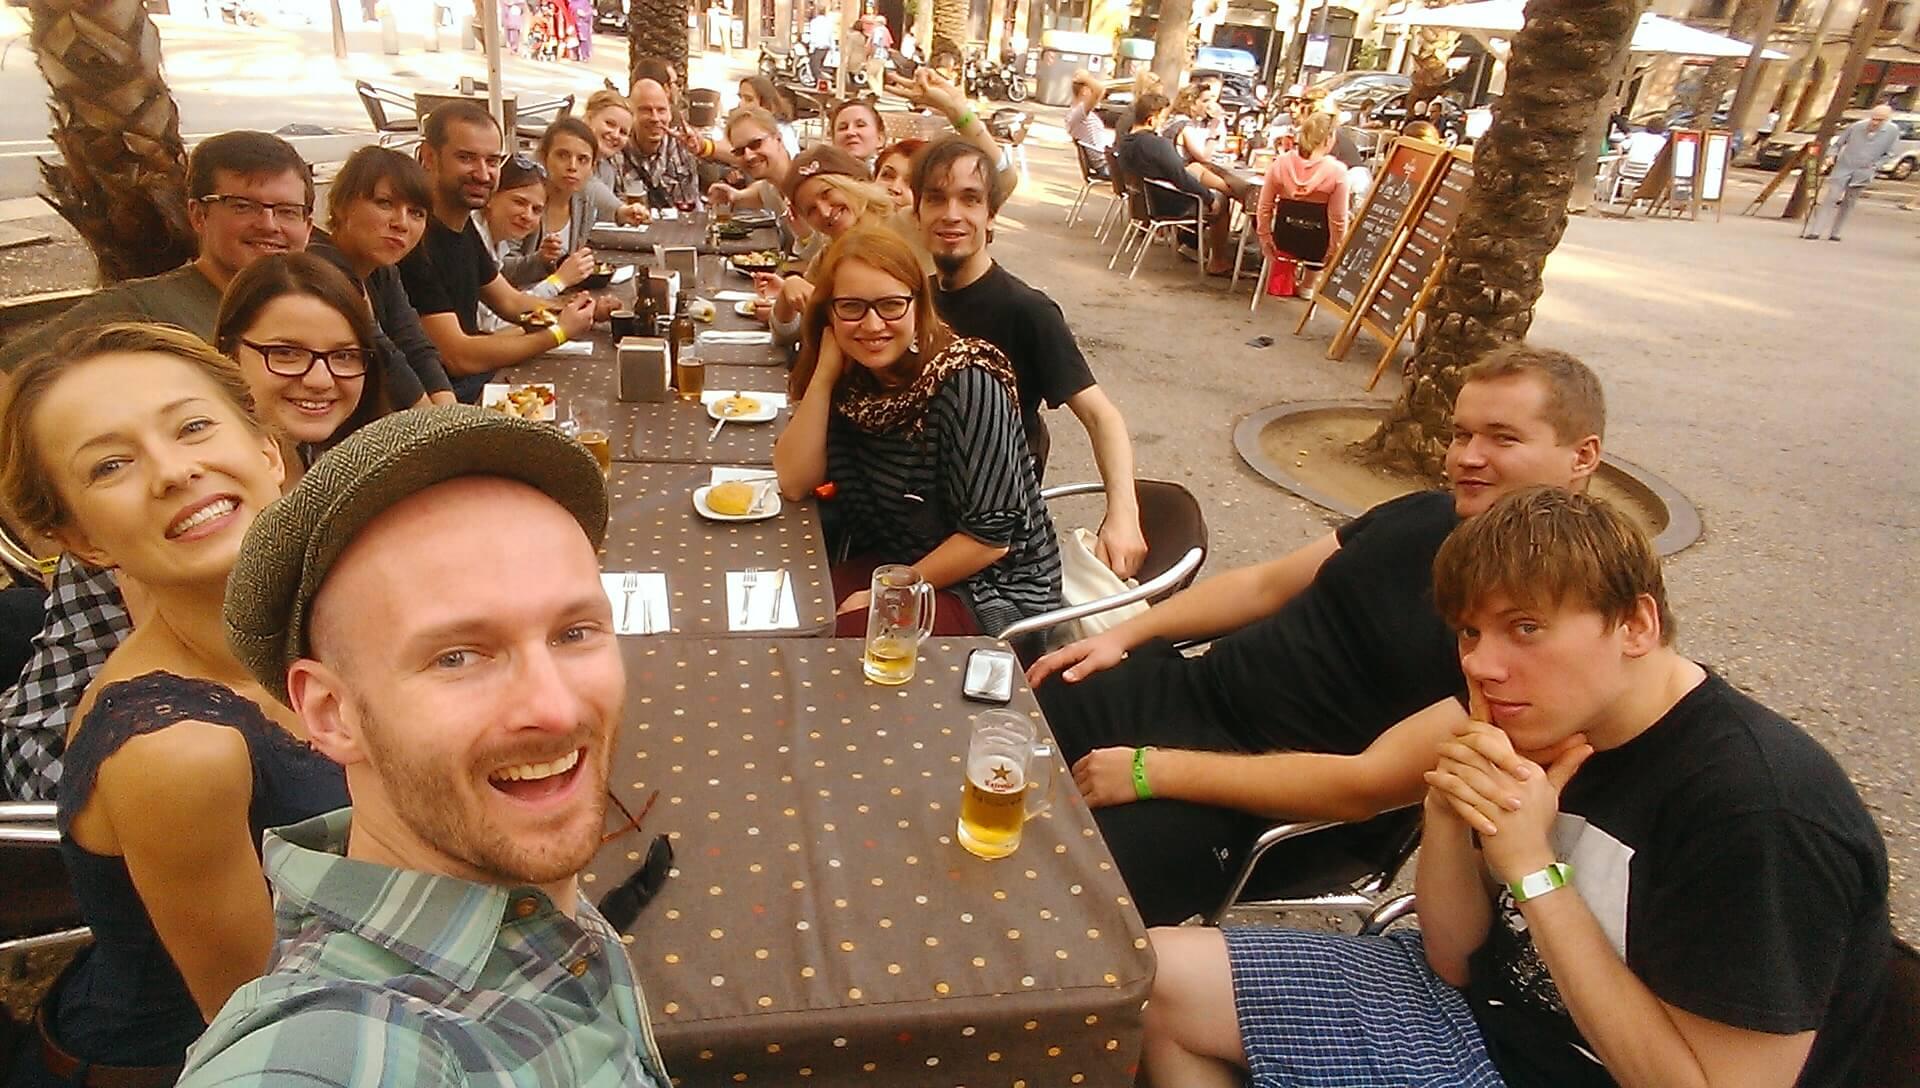 Ekipa SWINGOUT.PL na BCN Shag Festival w Barcelonie. Nie wierzcie w to, co widzicie! Naprawdę dużo tańczyliśmy! :)